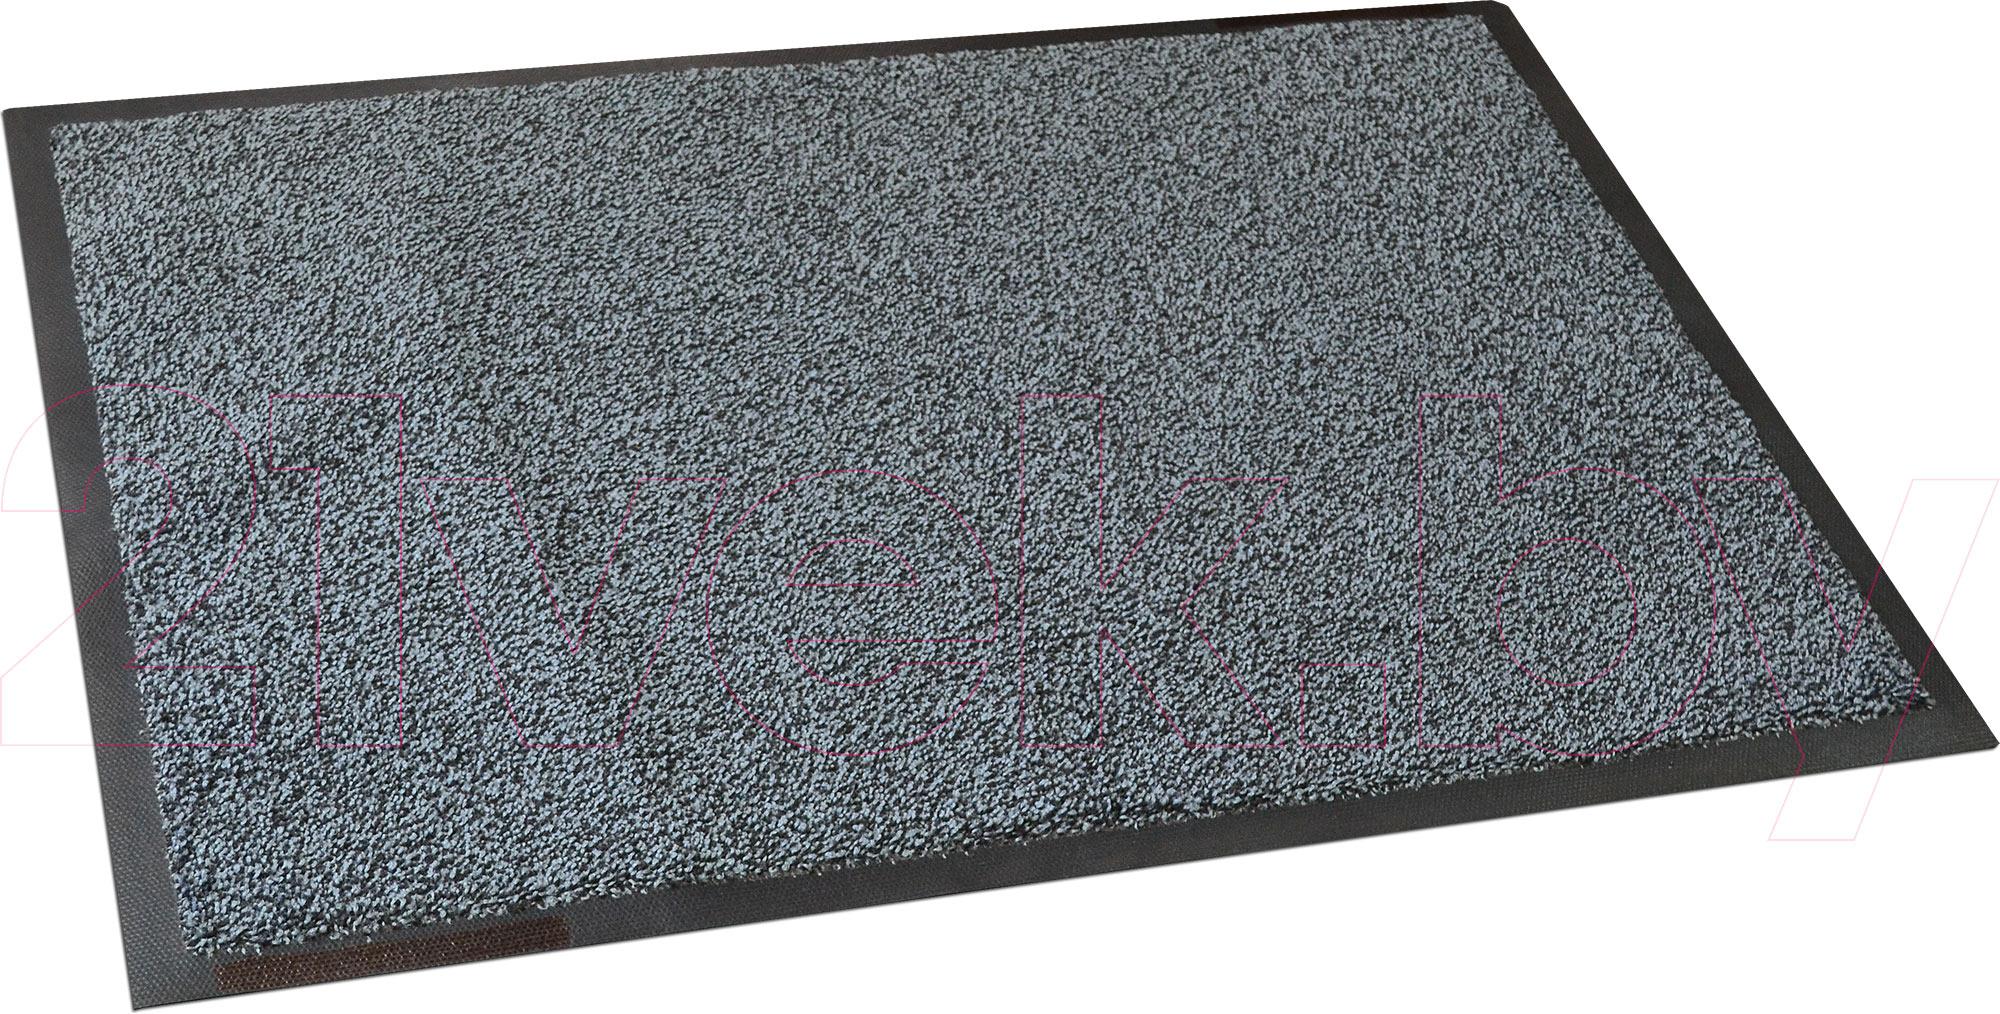 Iron Horse 115x180 (Granite) 21vek.by 1752000.000